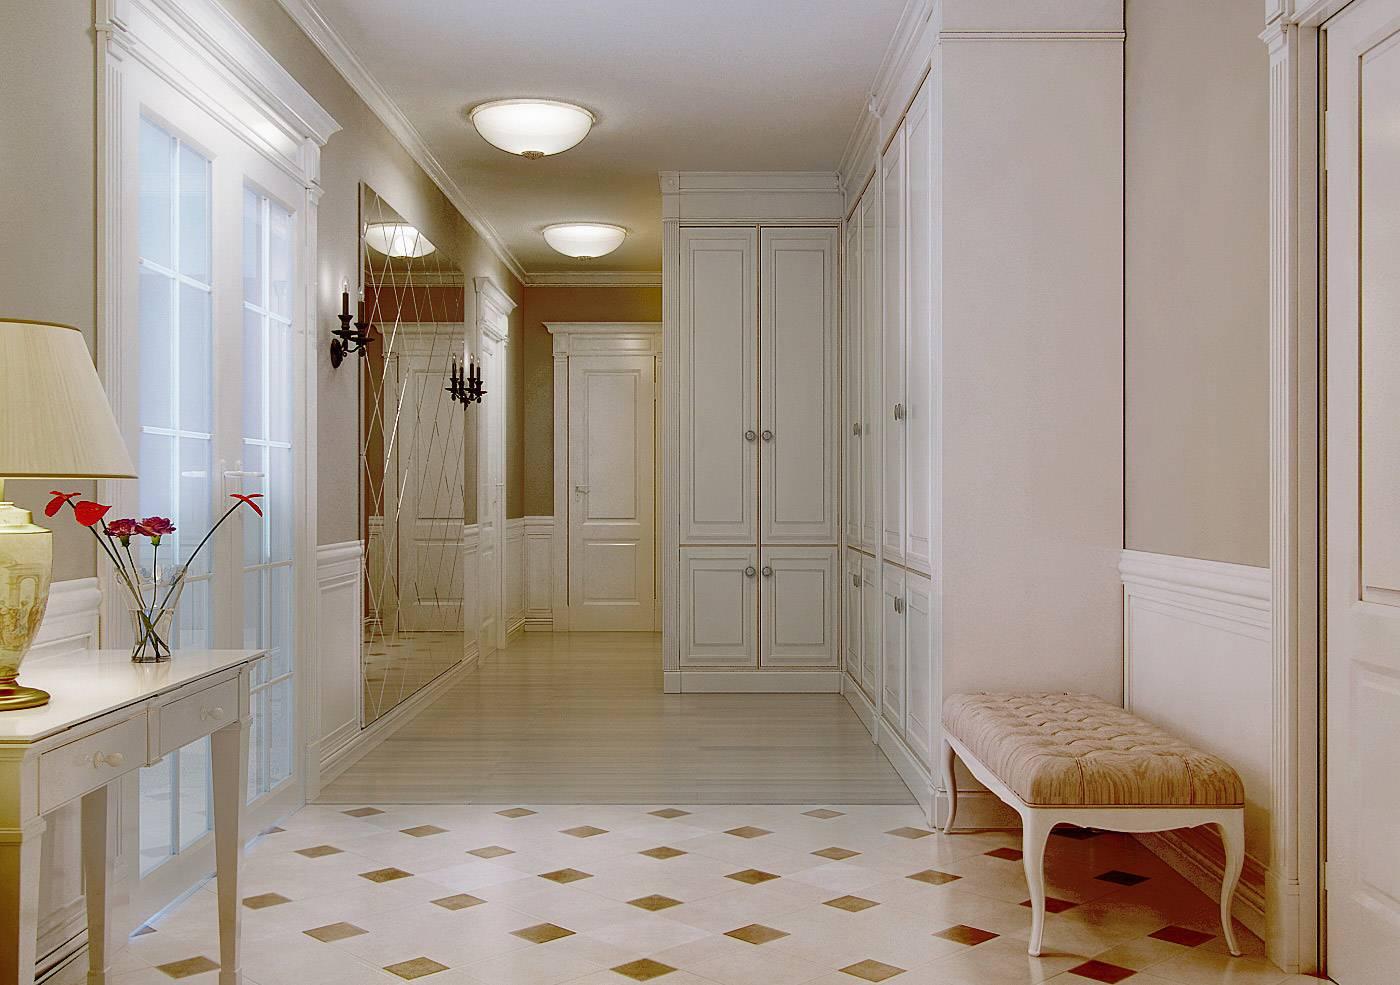 Плитка на пол в коридор и прихожую: дизайн, виды, варианты раскладки, цвета, комбинирование